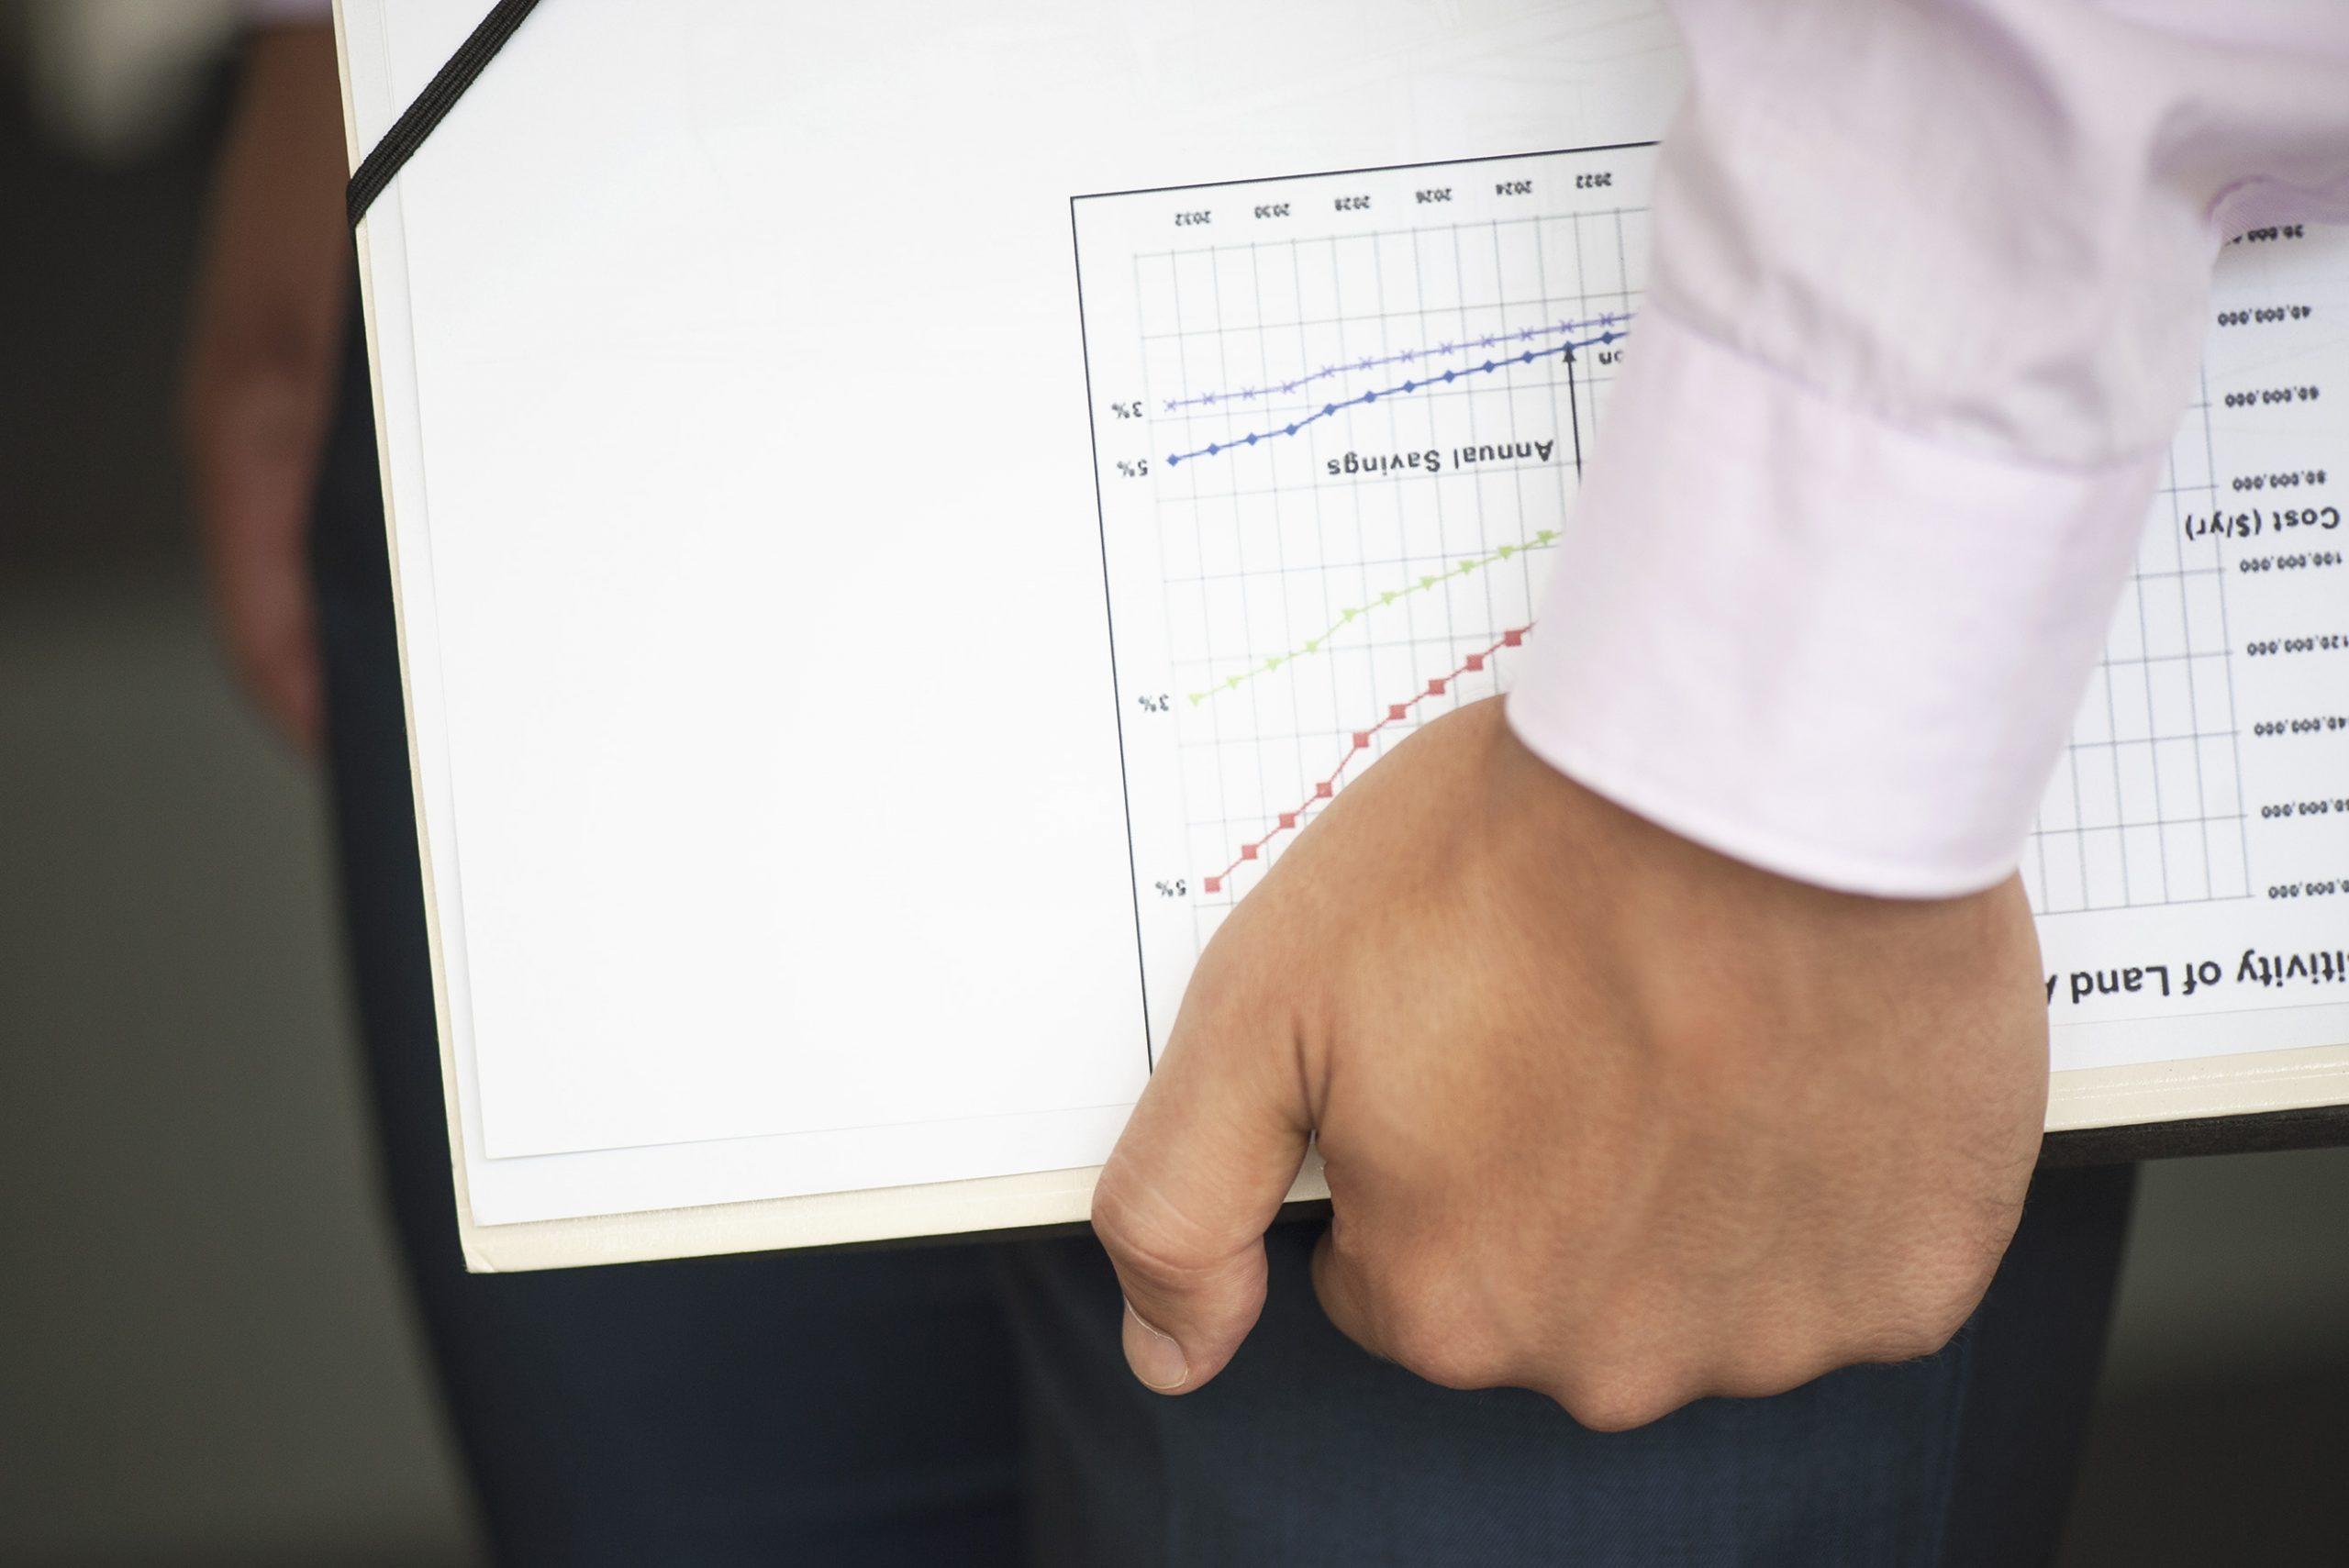 Business Mann mit Börsenmarkt Analyse in der Hand